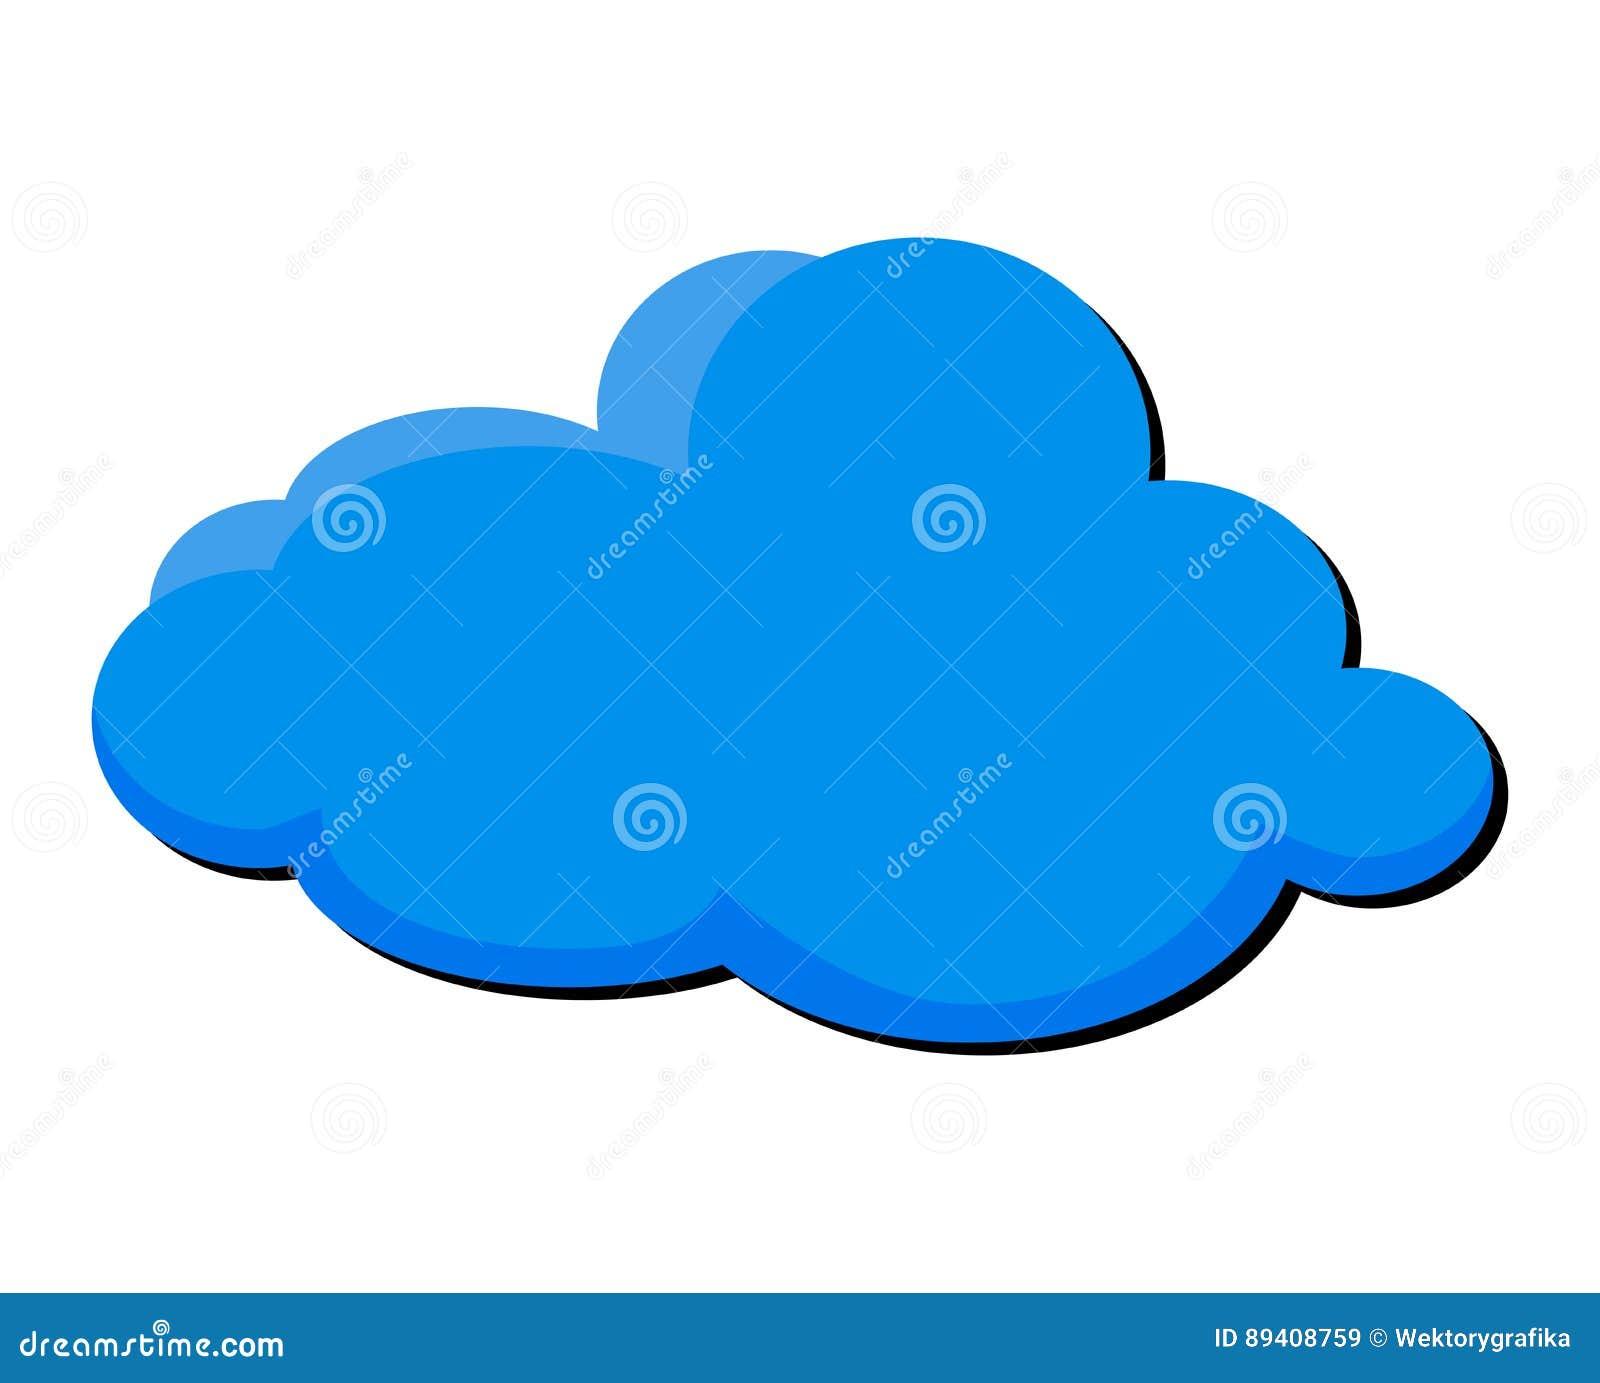 Projeto do ícone do símbolo do vetor da nuvem dos desenhos animados